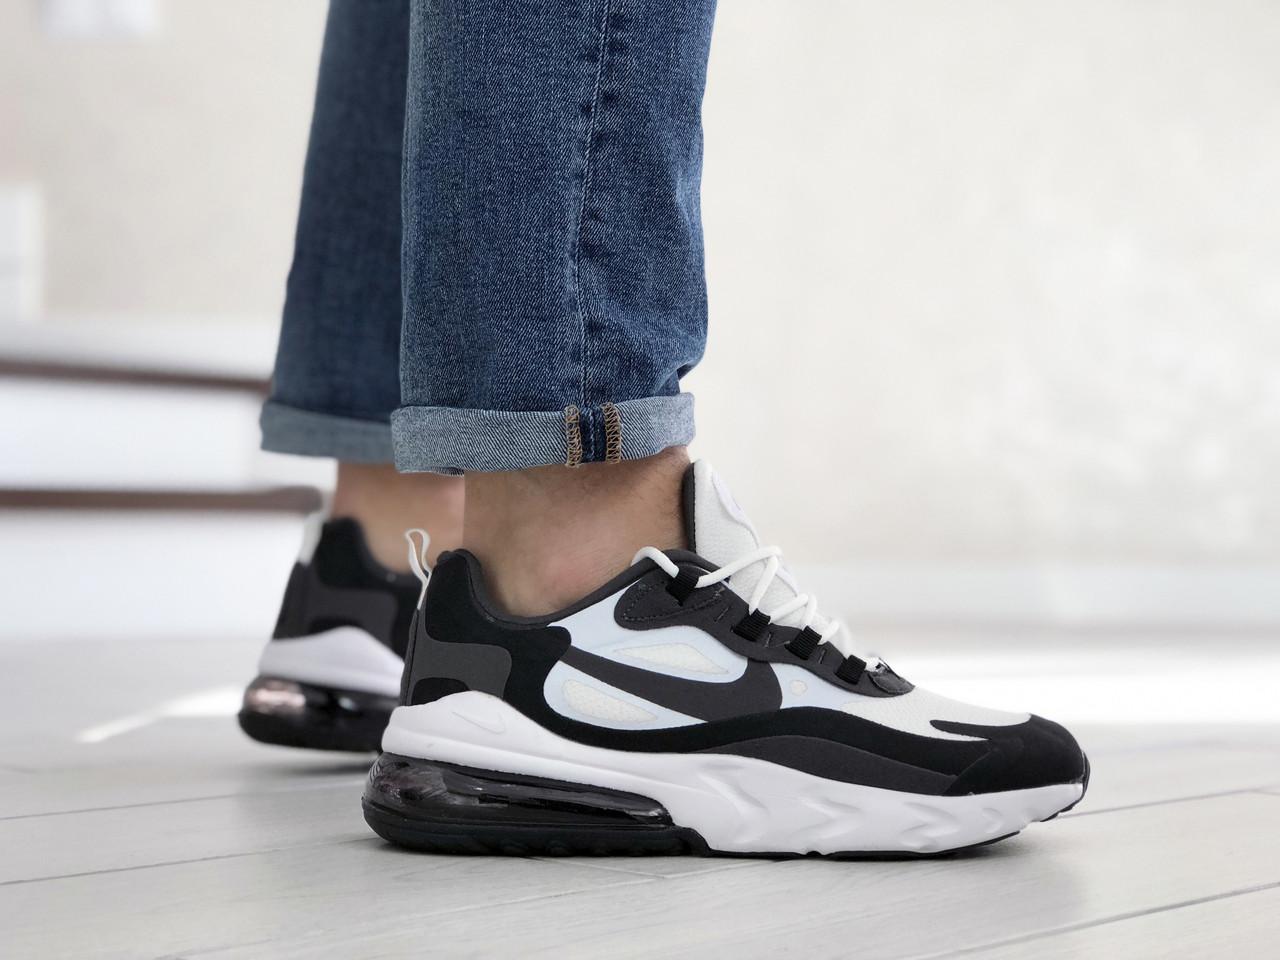 Чоловічі кросівки Nike Air Max 270 React білі з чорним / текстильні кросівки Найк Реактив (Топ репліка ААА+)